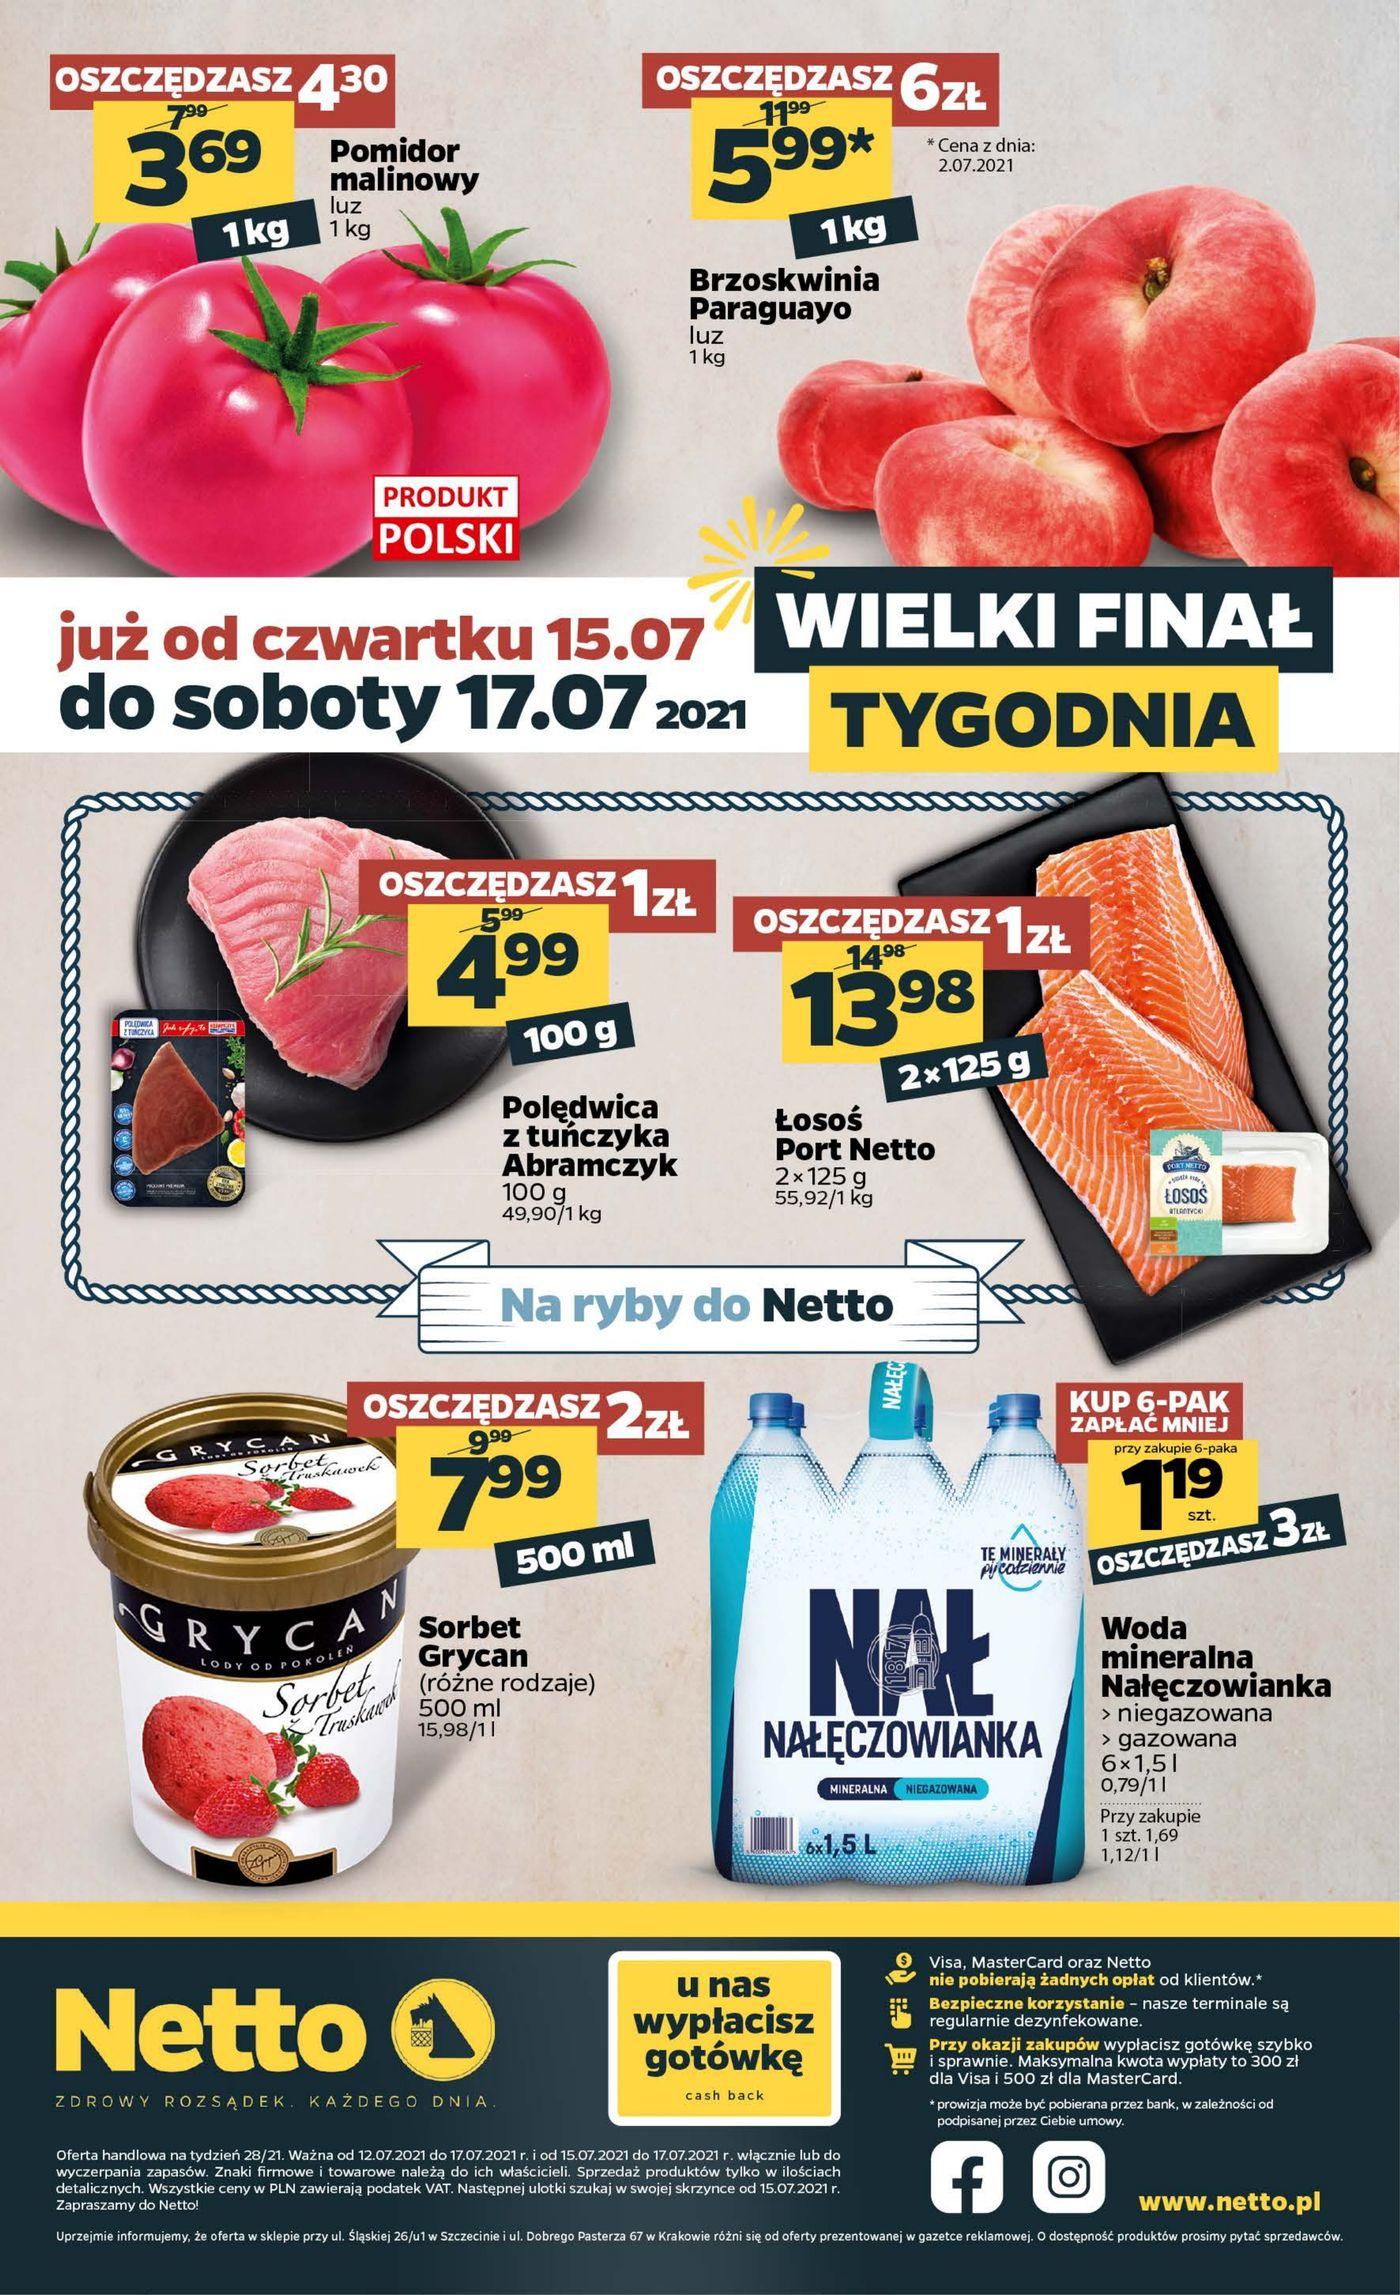 Gazetka Gazetka spożywcza Netto t. 28/21